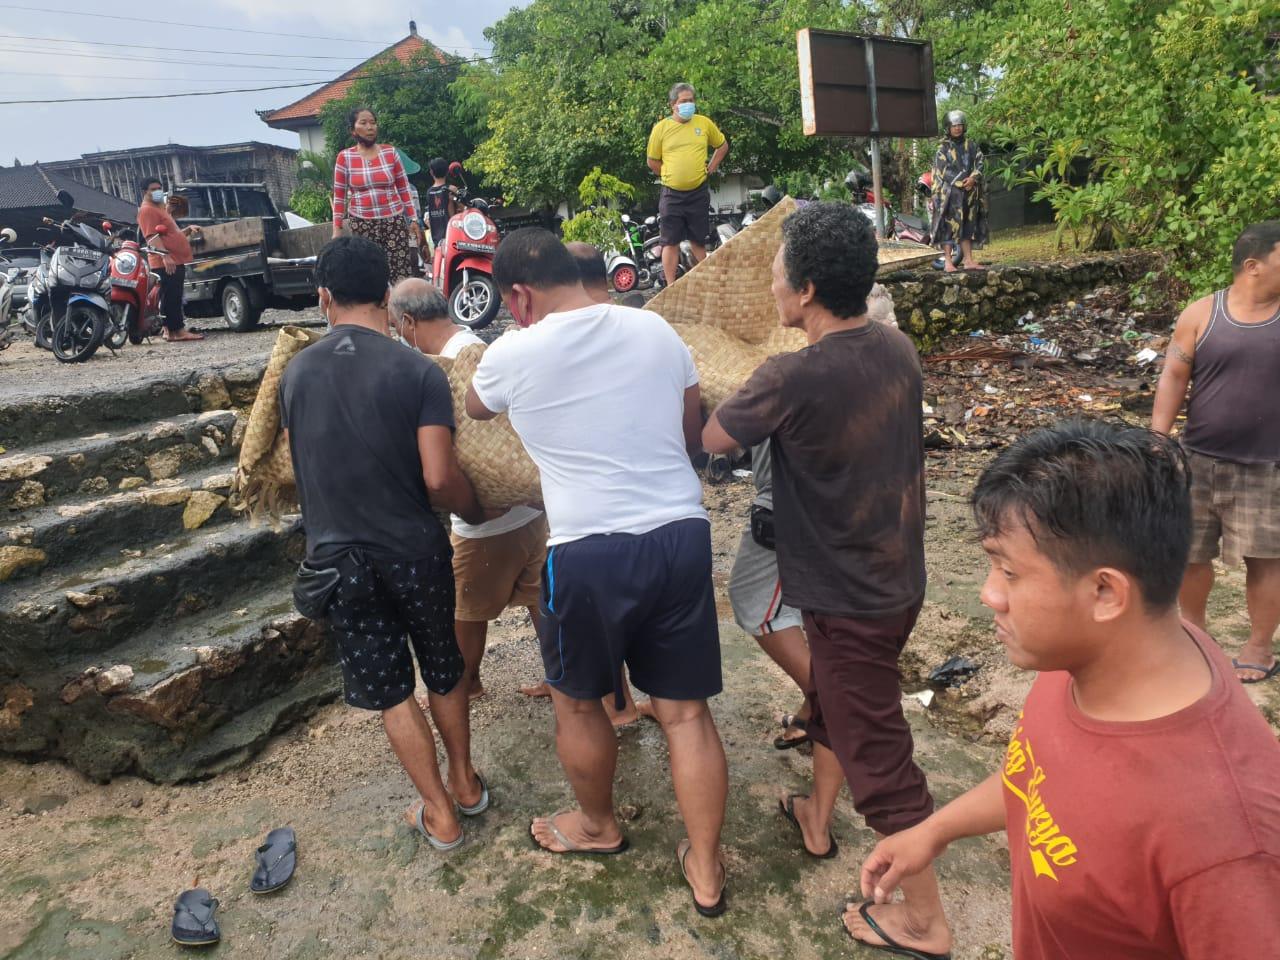 WARGA saat mengevakuasi jasad Made Sudena (46) warga Banjar Mumbul, yang ditemukan tewas terapung di kawasan Teluk Benoa Lingkungan Mumbul (loloan Mumbul), Selasa (9/3/2021). Foto: ist